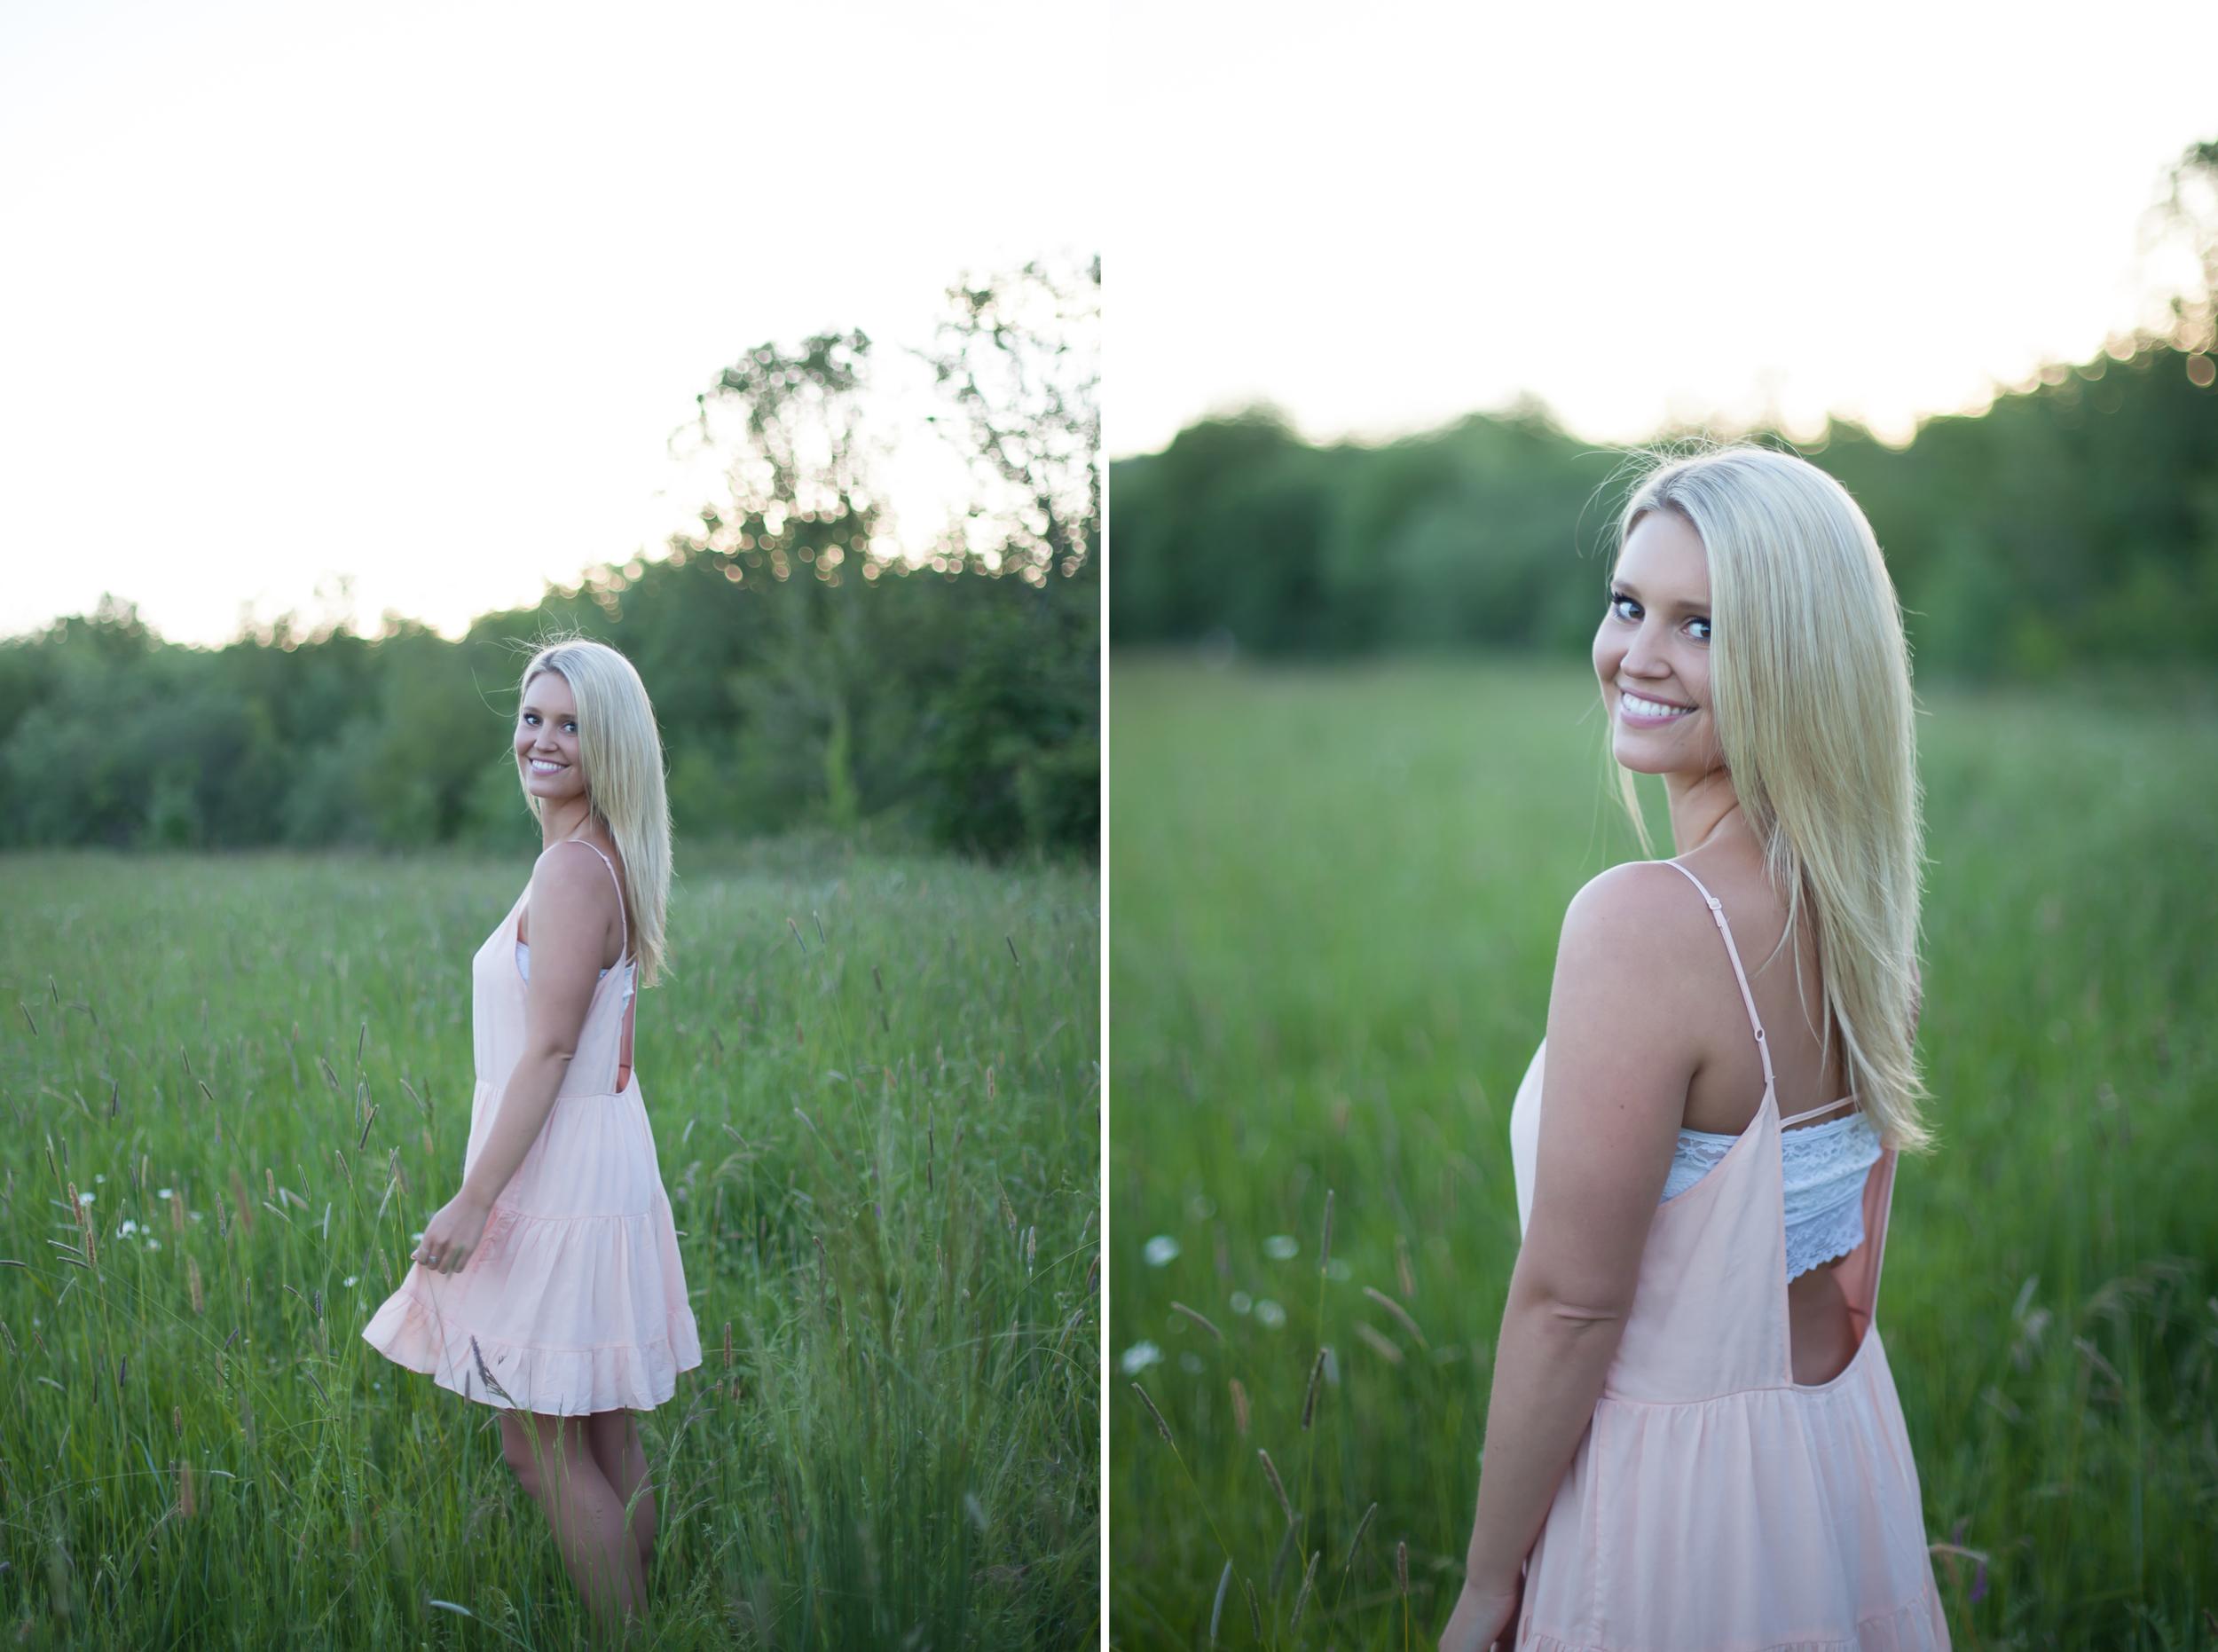 olivia_ashton_photography_kelsey9